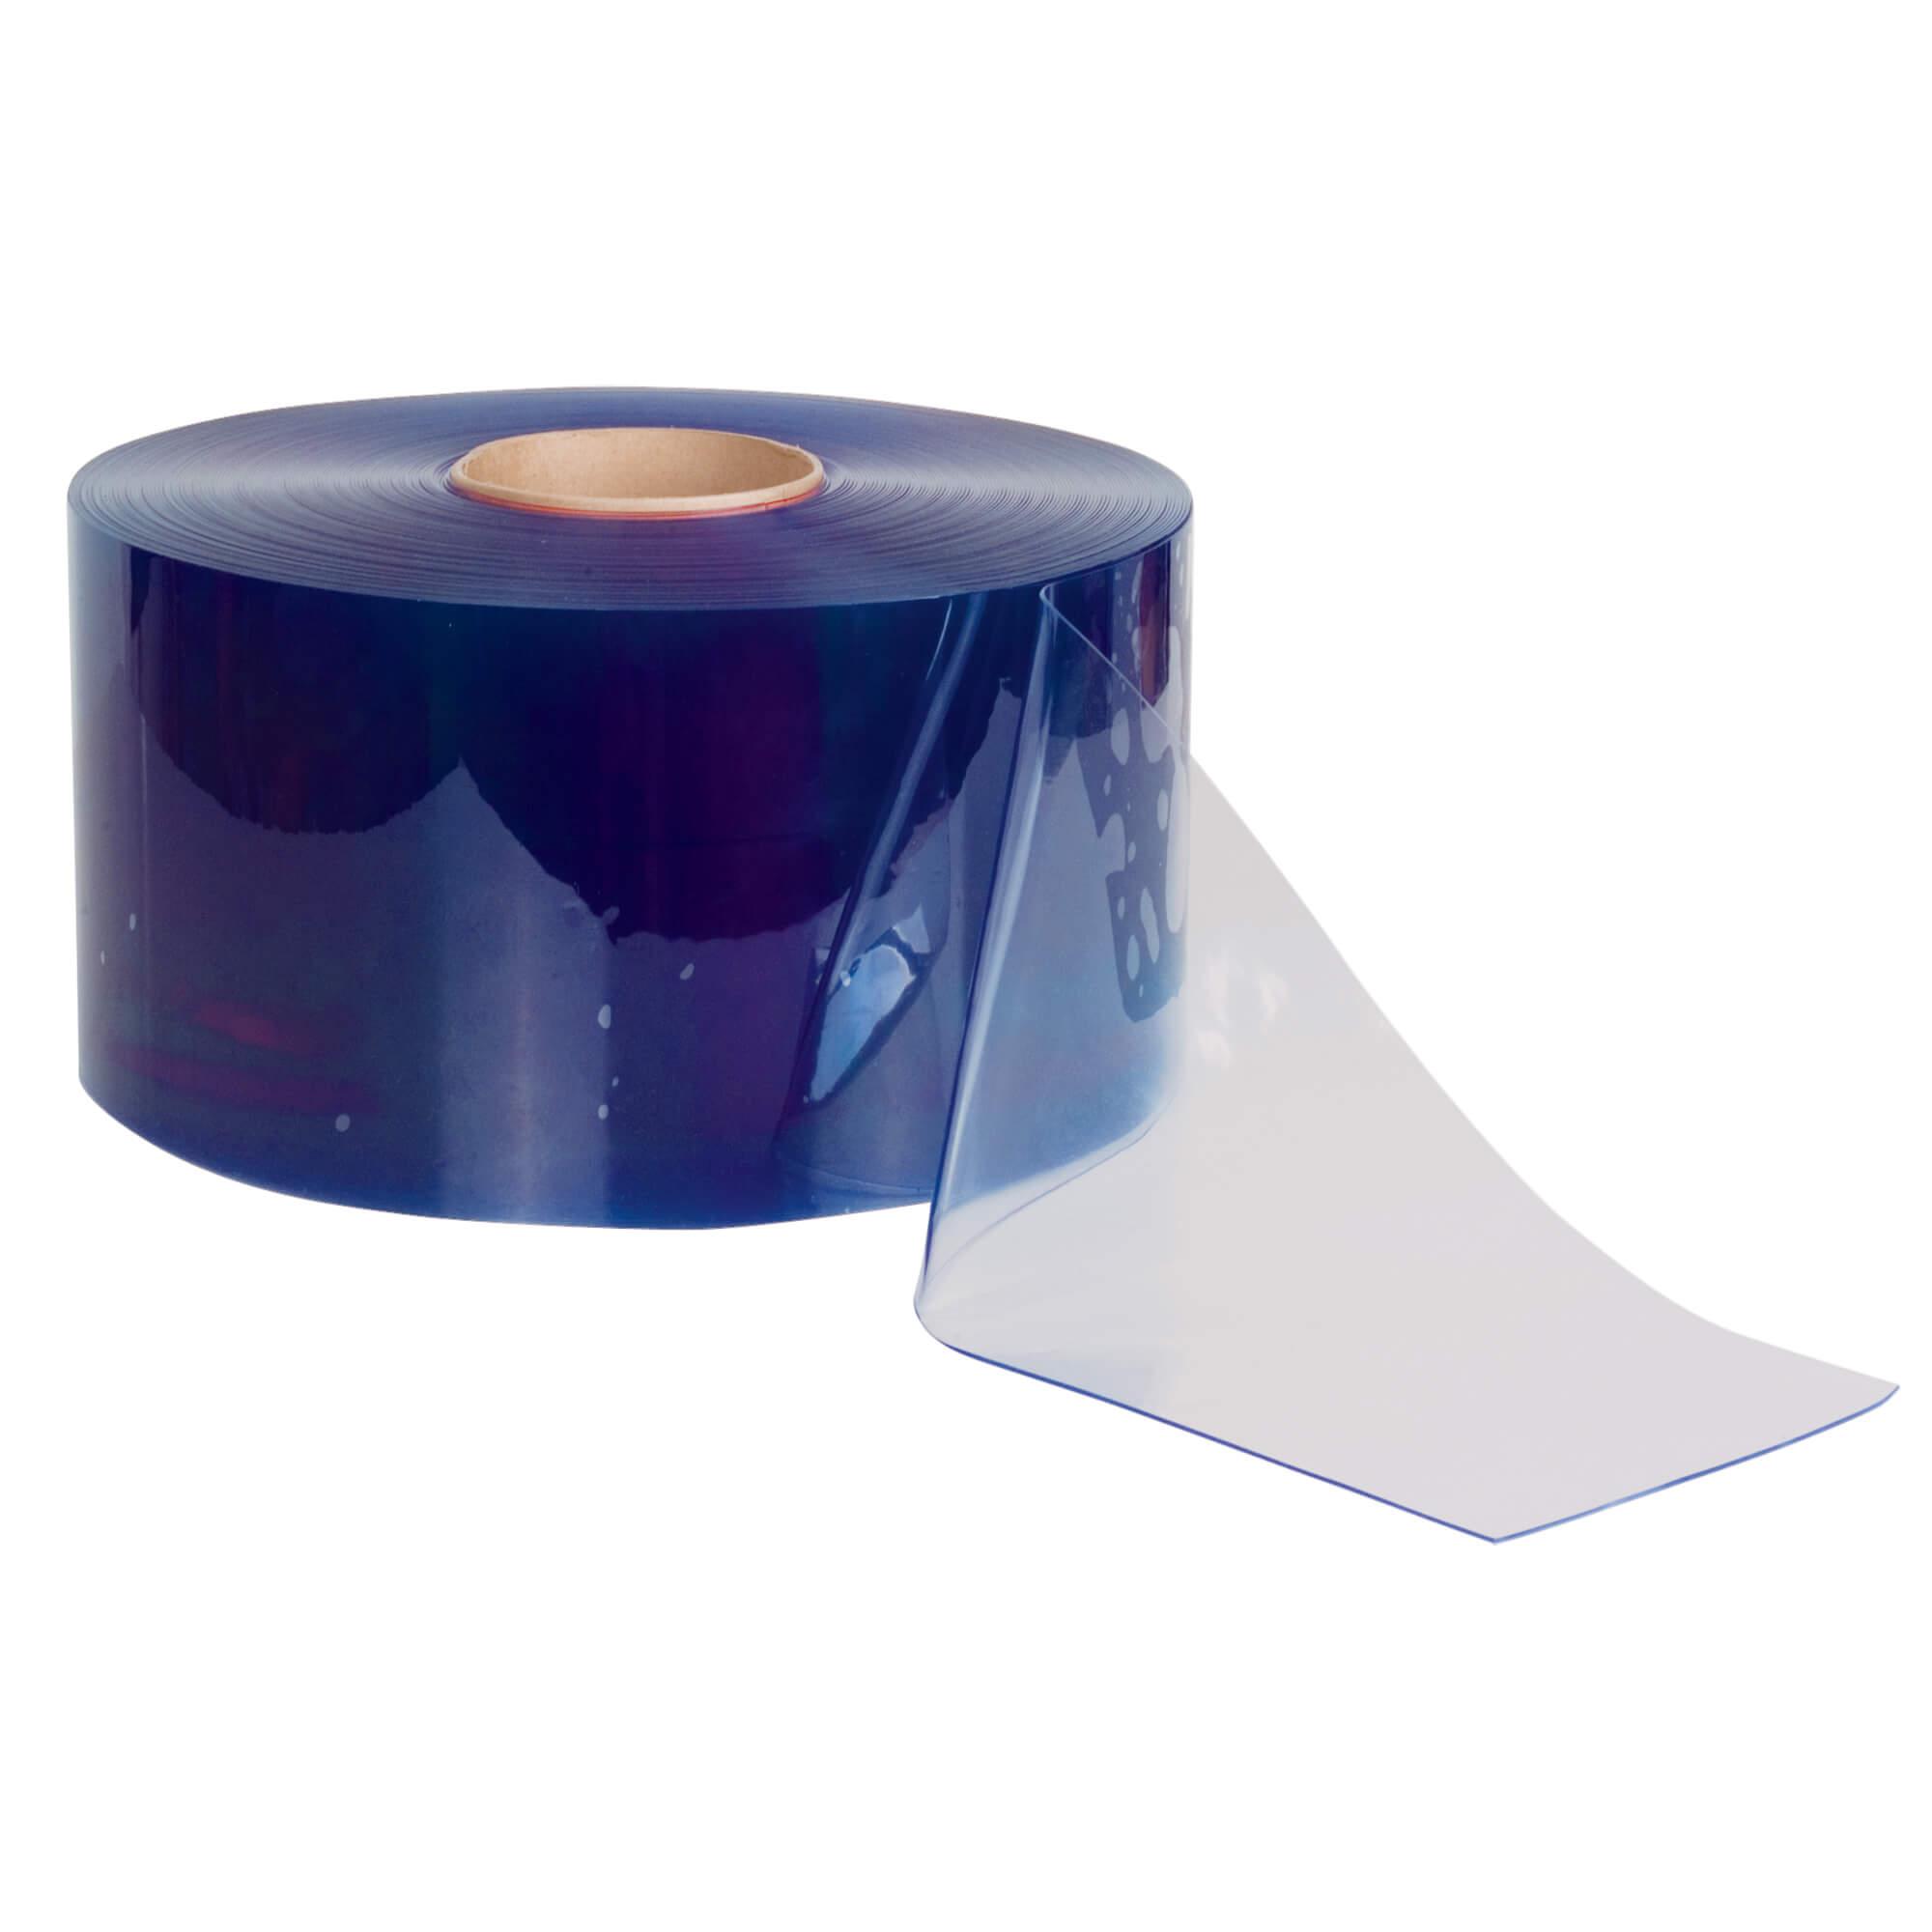 Strip Curtain - 8' x 10' (7546701)